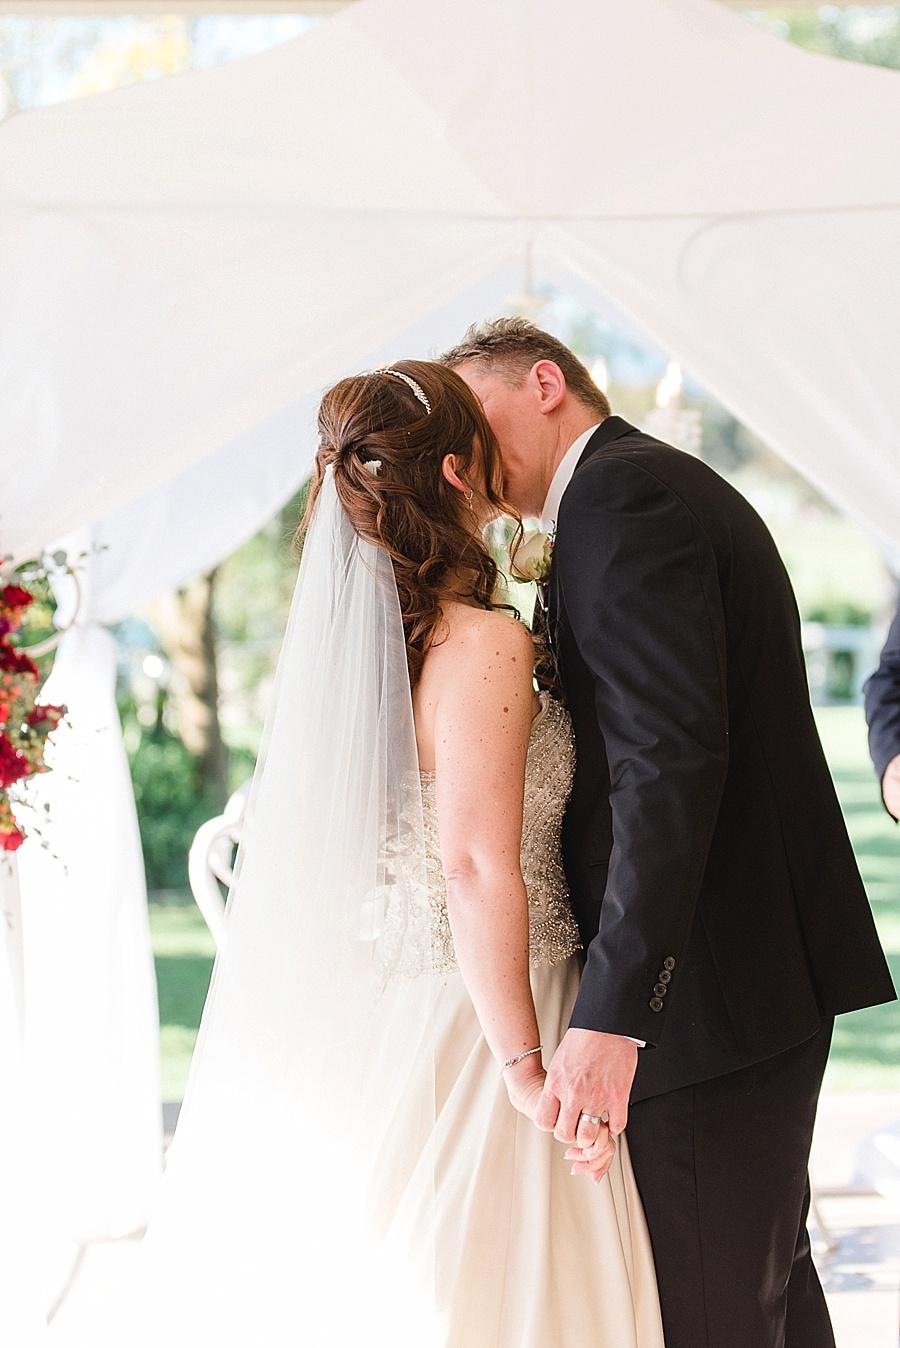 Darren Bester - Cape Town Wedding Photographer - Eensgezind Function Venue - Roger & Amanda_0018.jpg